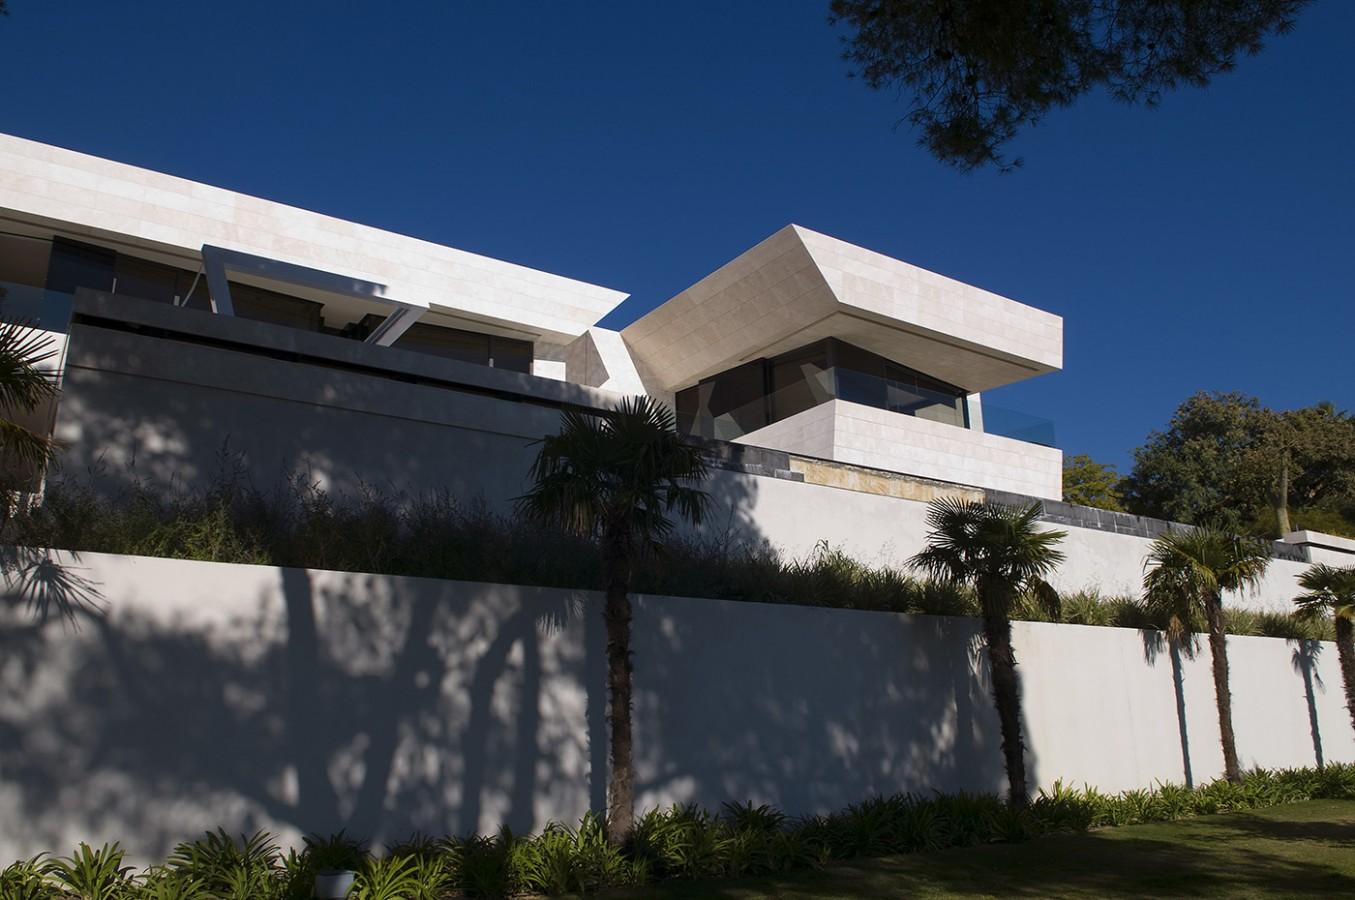 Decoarq arquitectura decorativa - Casas de lujo en marbella ...